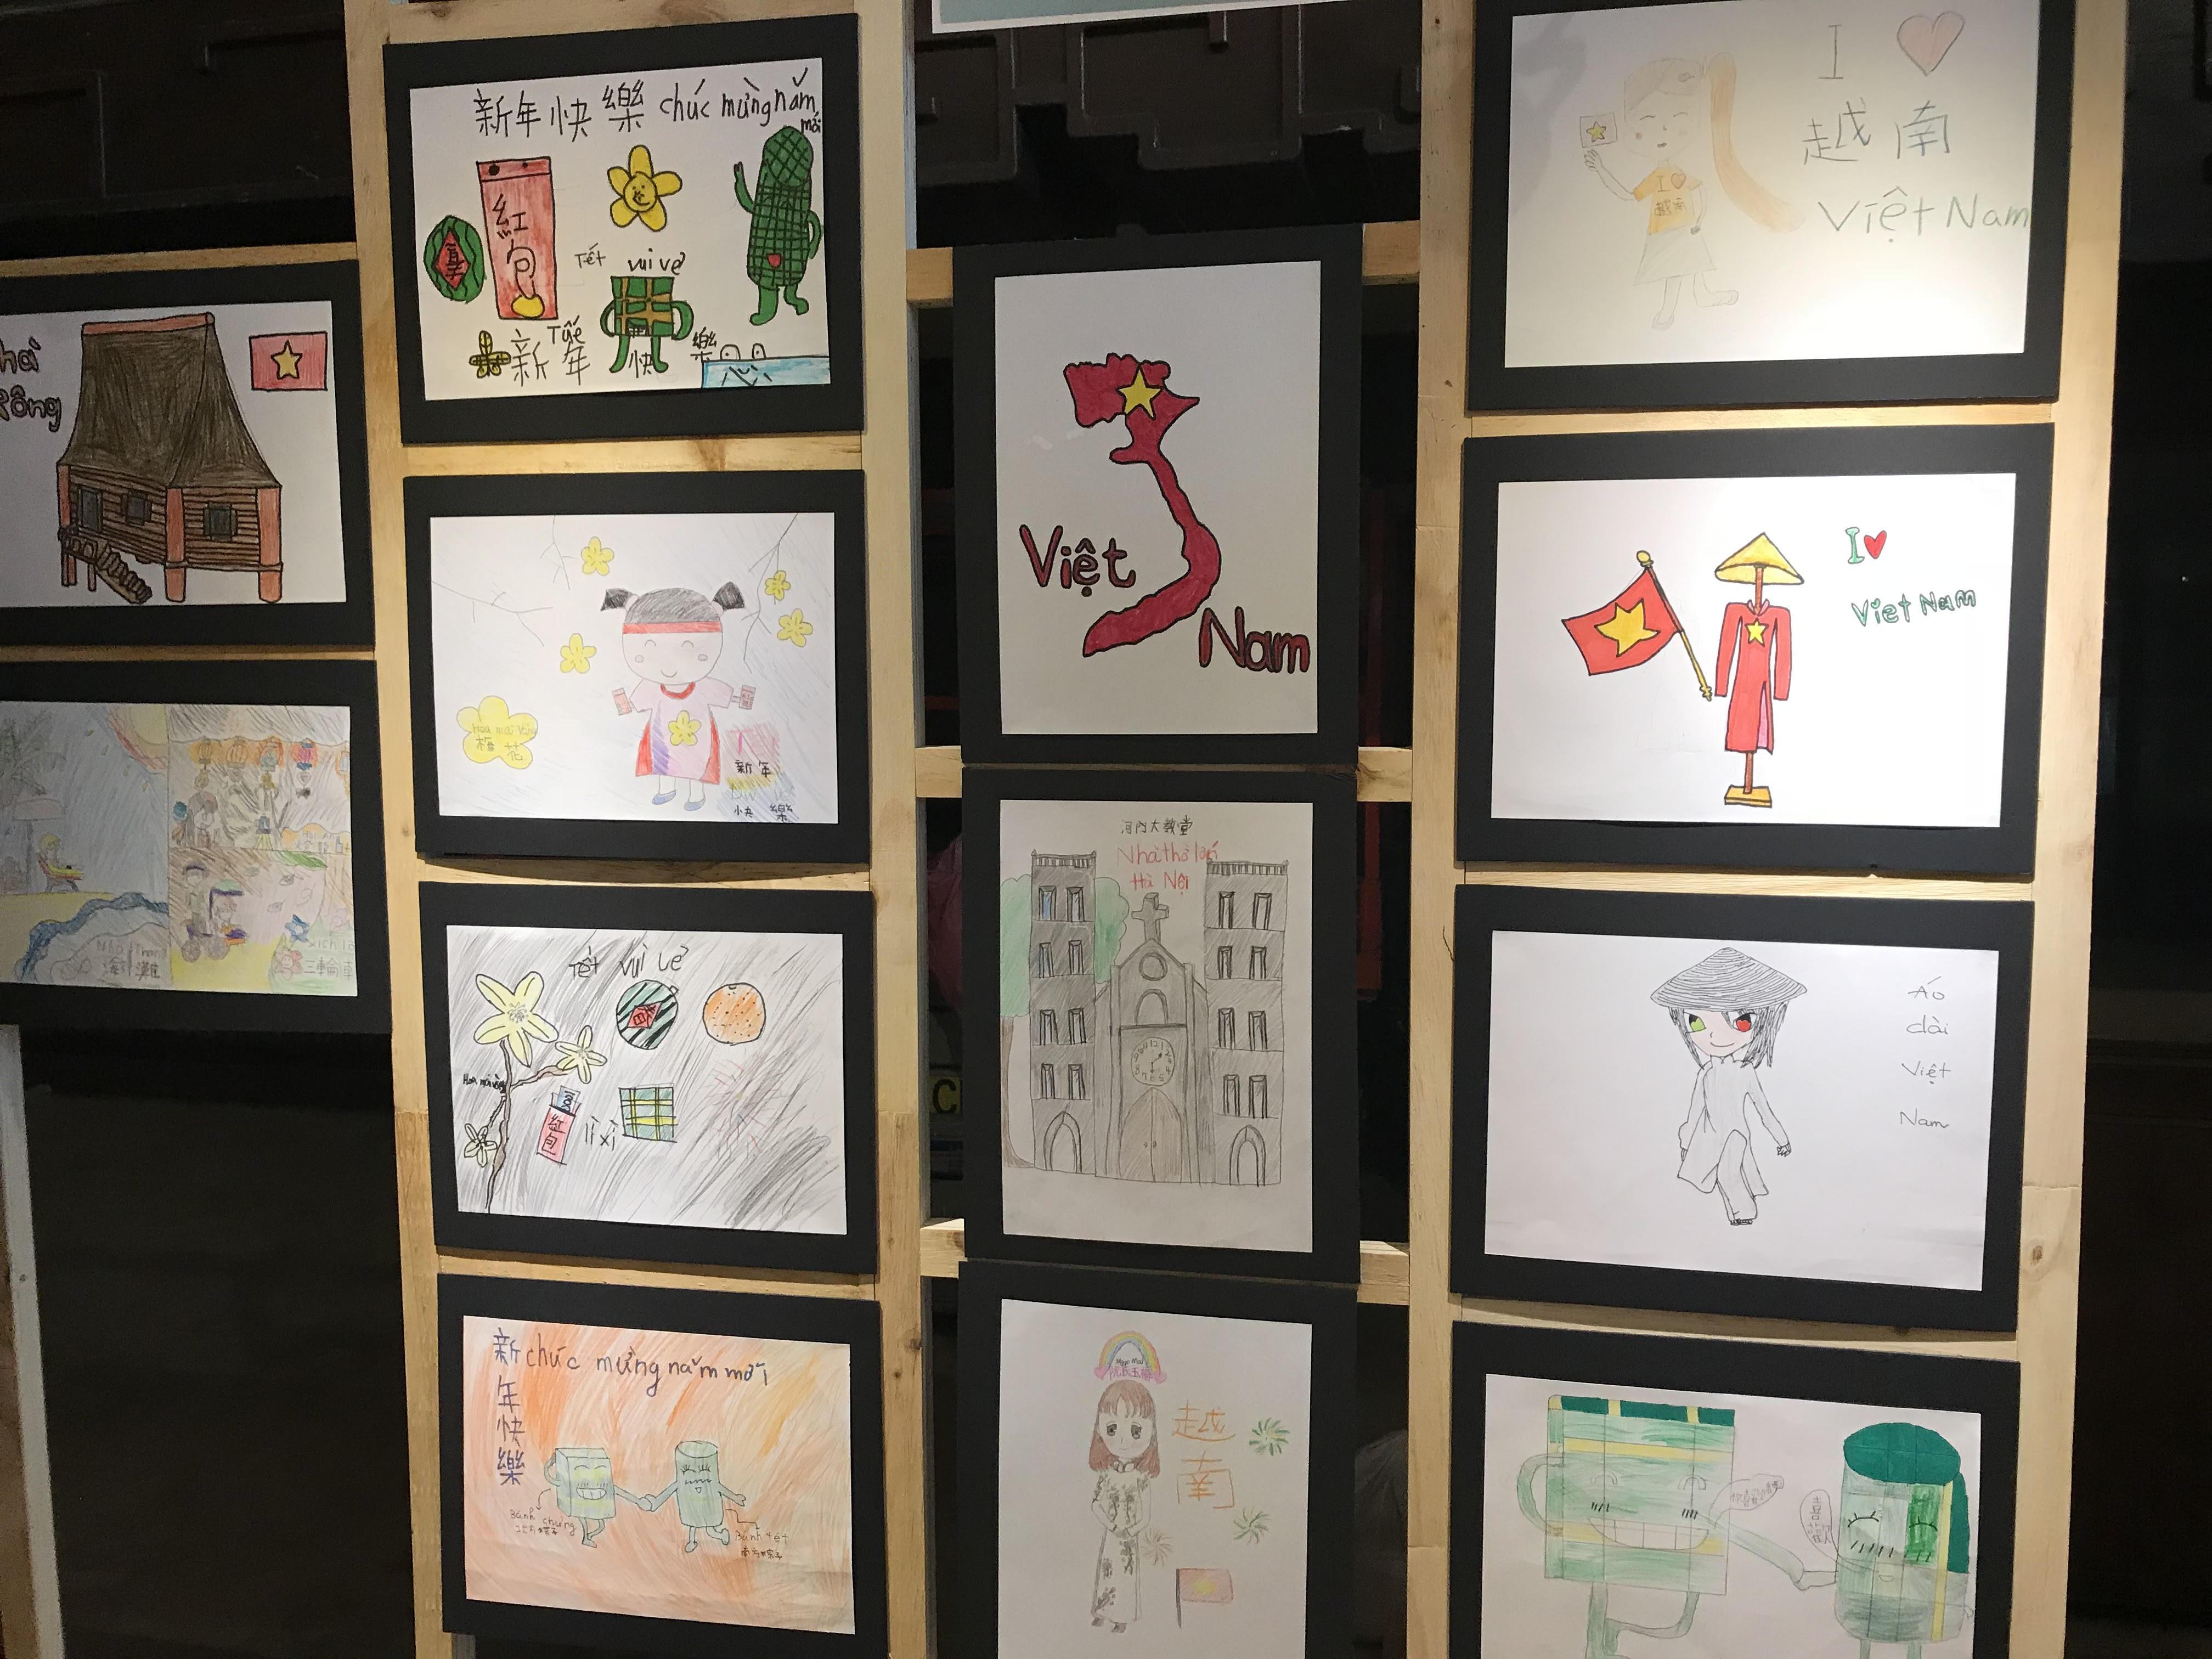 Bắt gặp hình ảnh Việt Nam trong ngày hội văn hóa Cơ Long